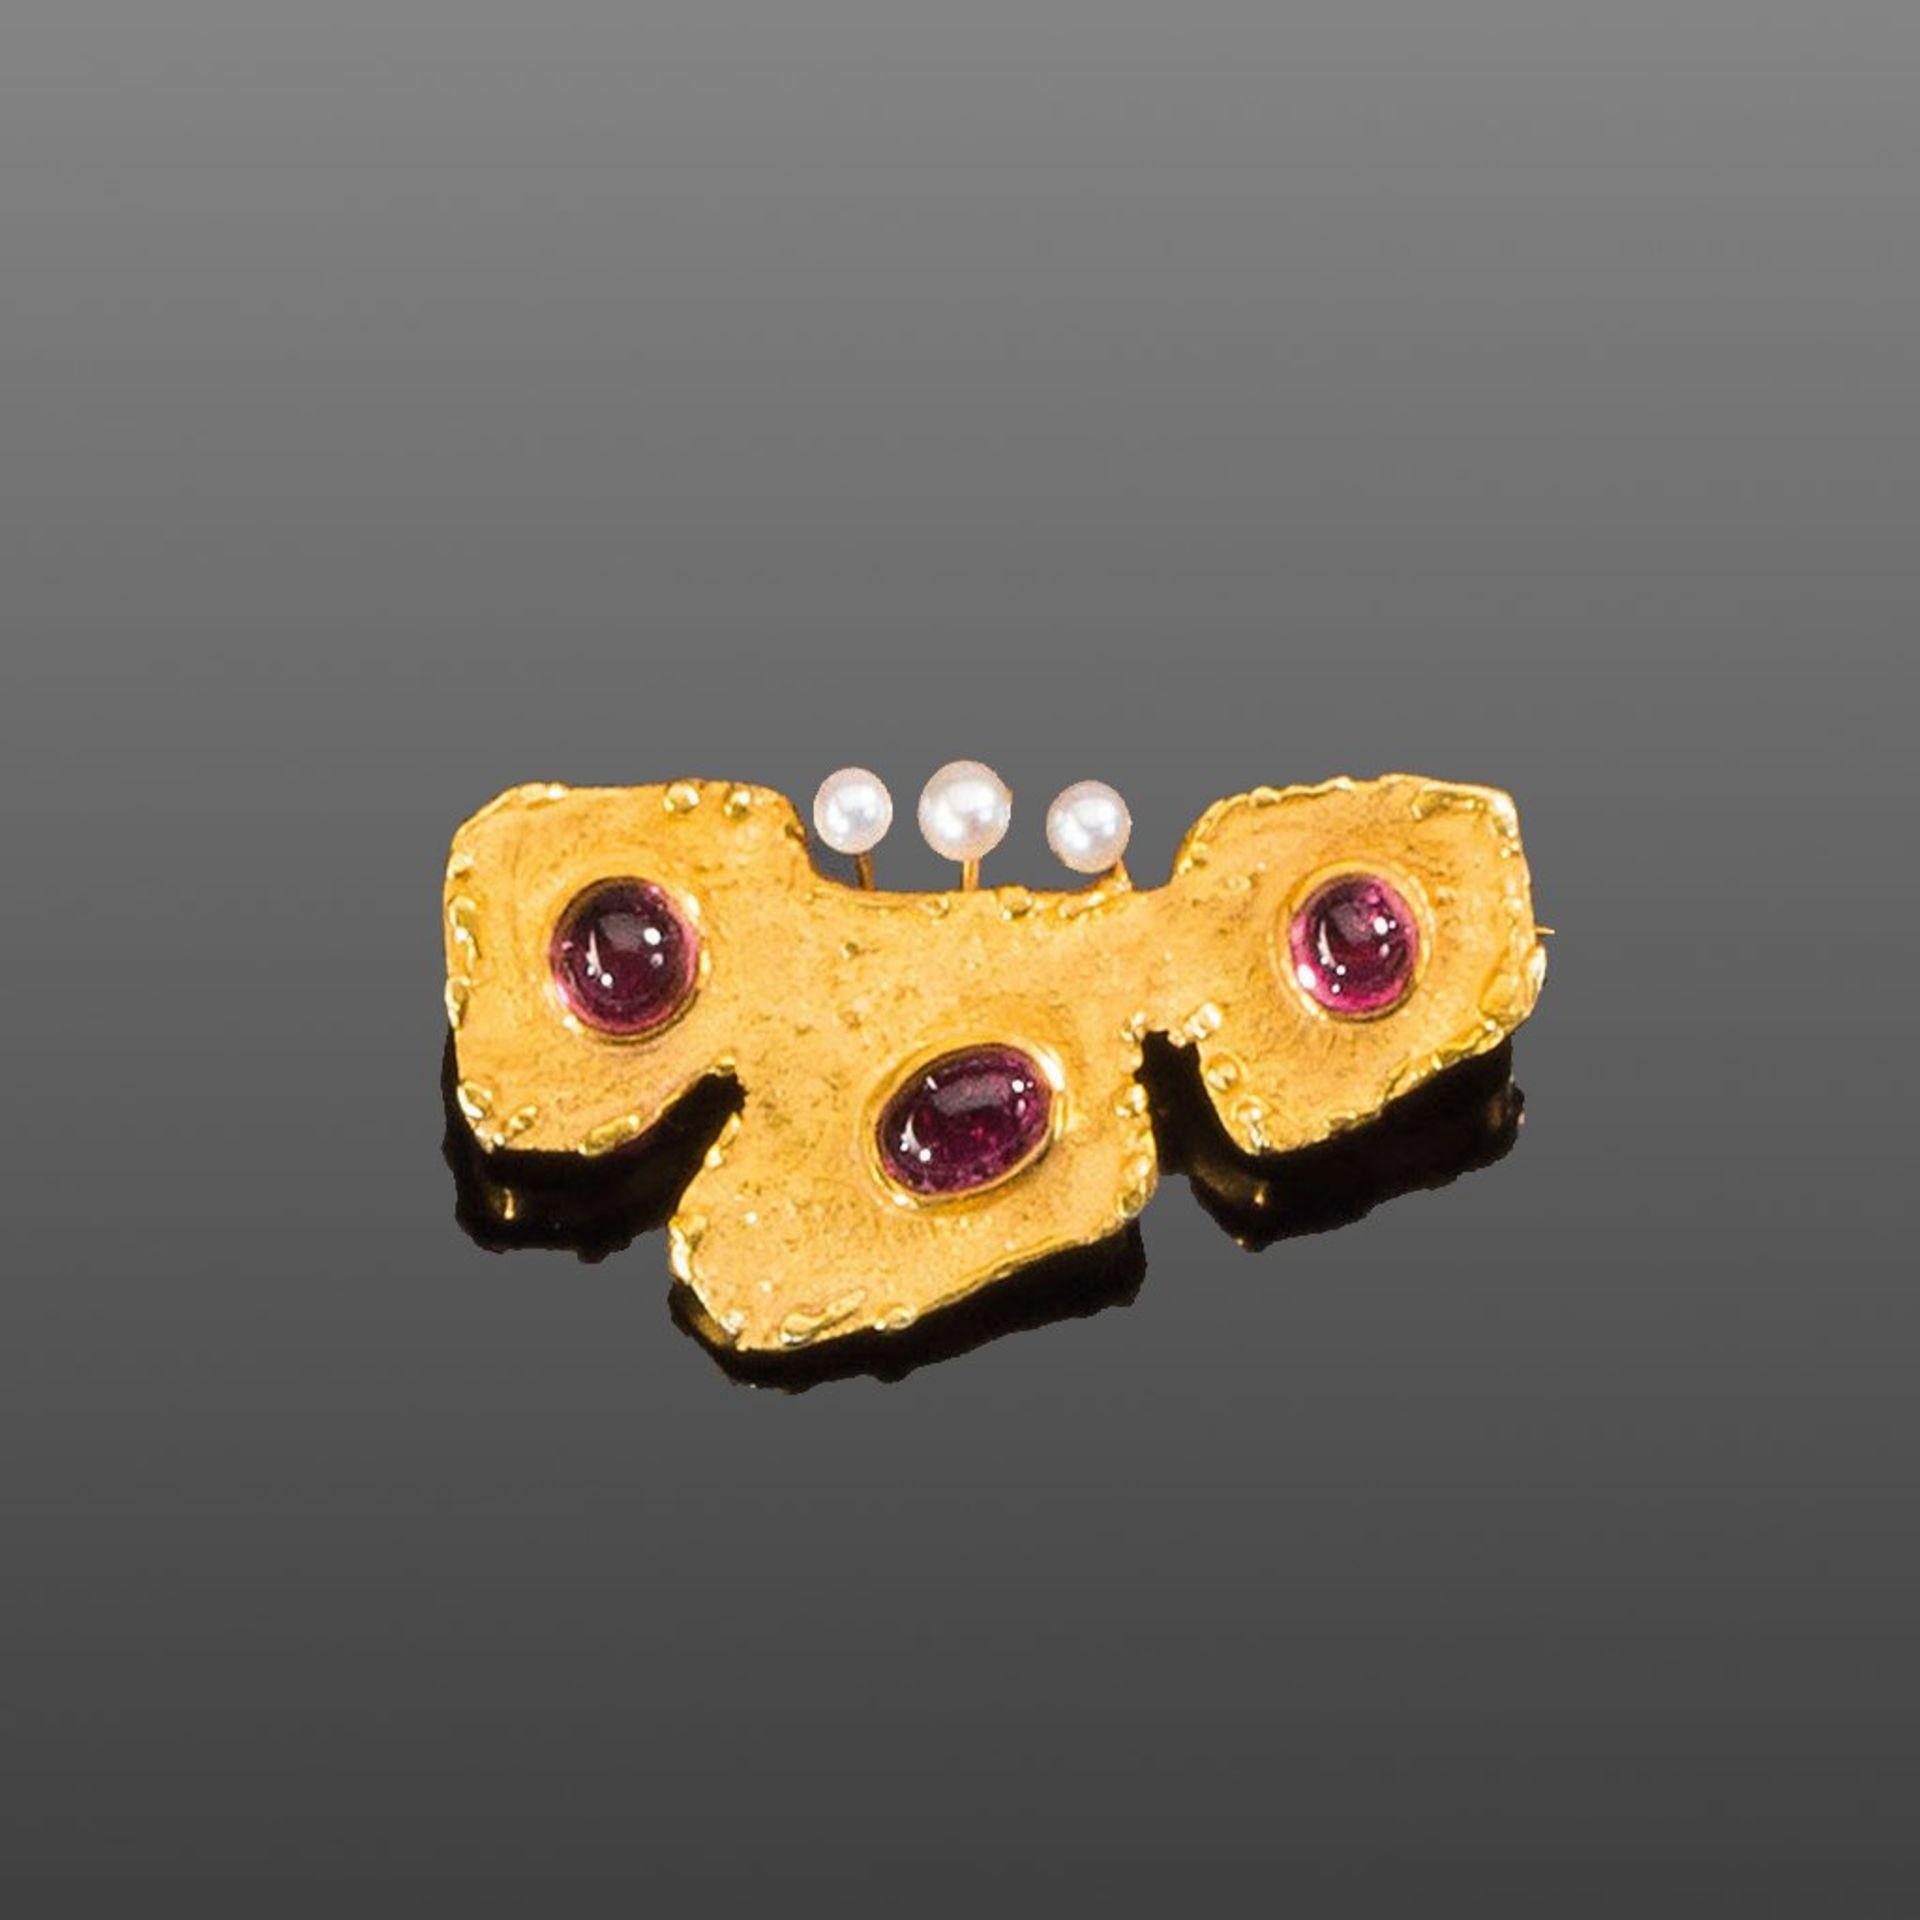 Turmalinbrosche. Drei Turmalin-Cabochons und drei Perlen in 14 ct. GG-Fassung. 6 g. L 4 cm